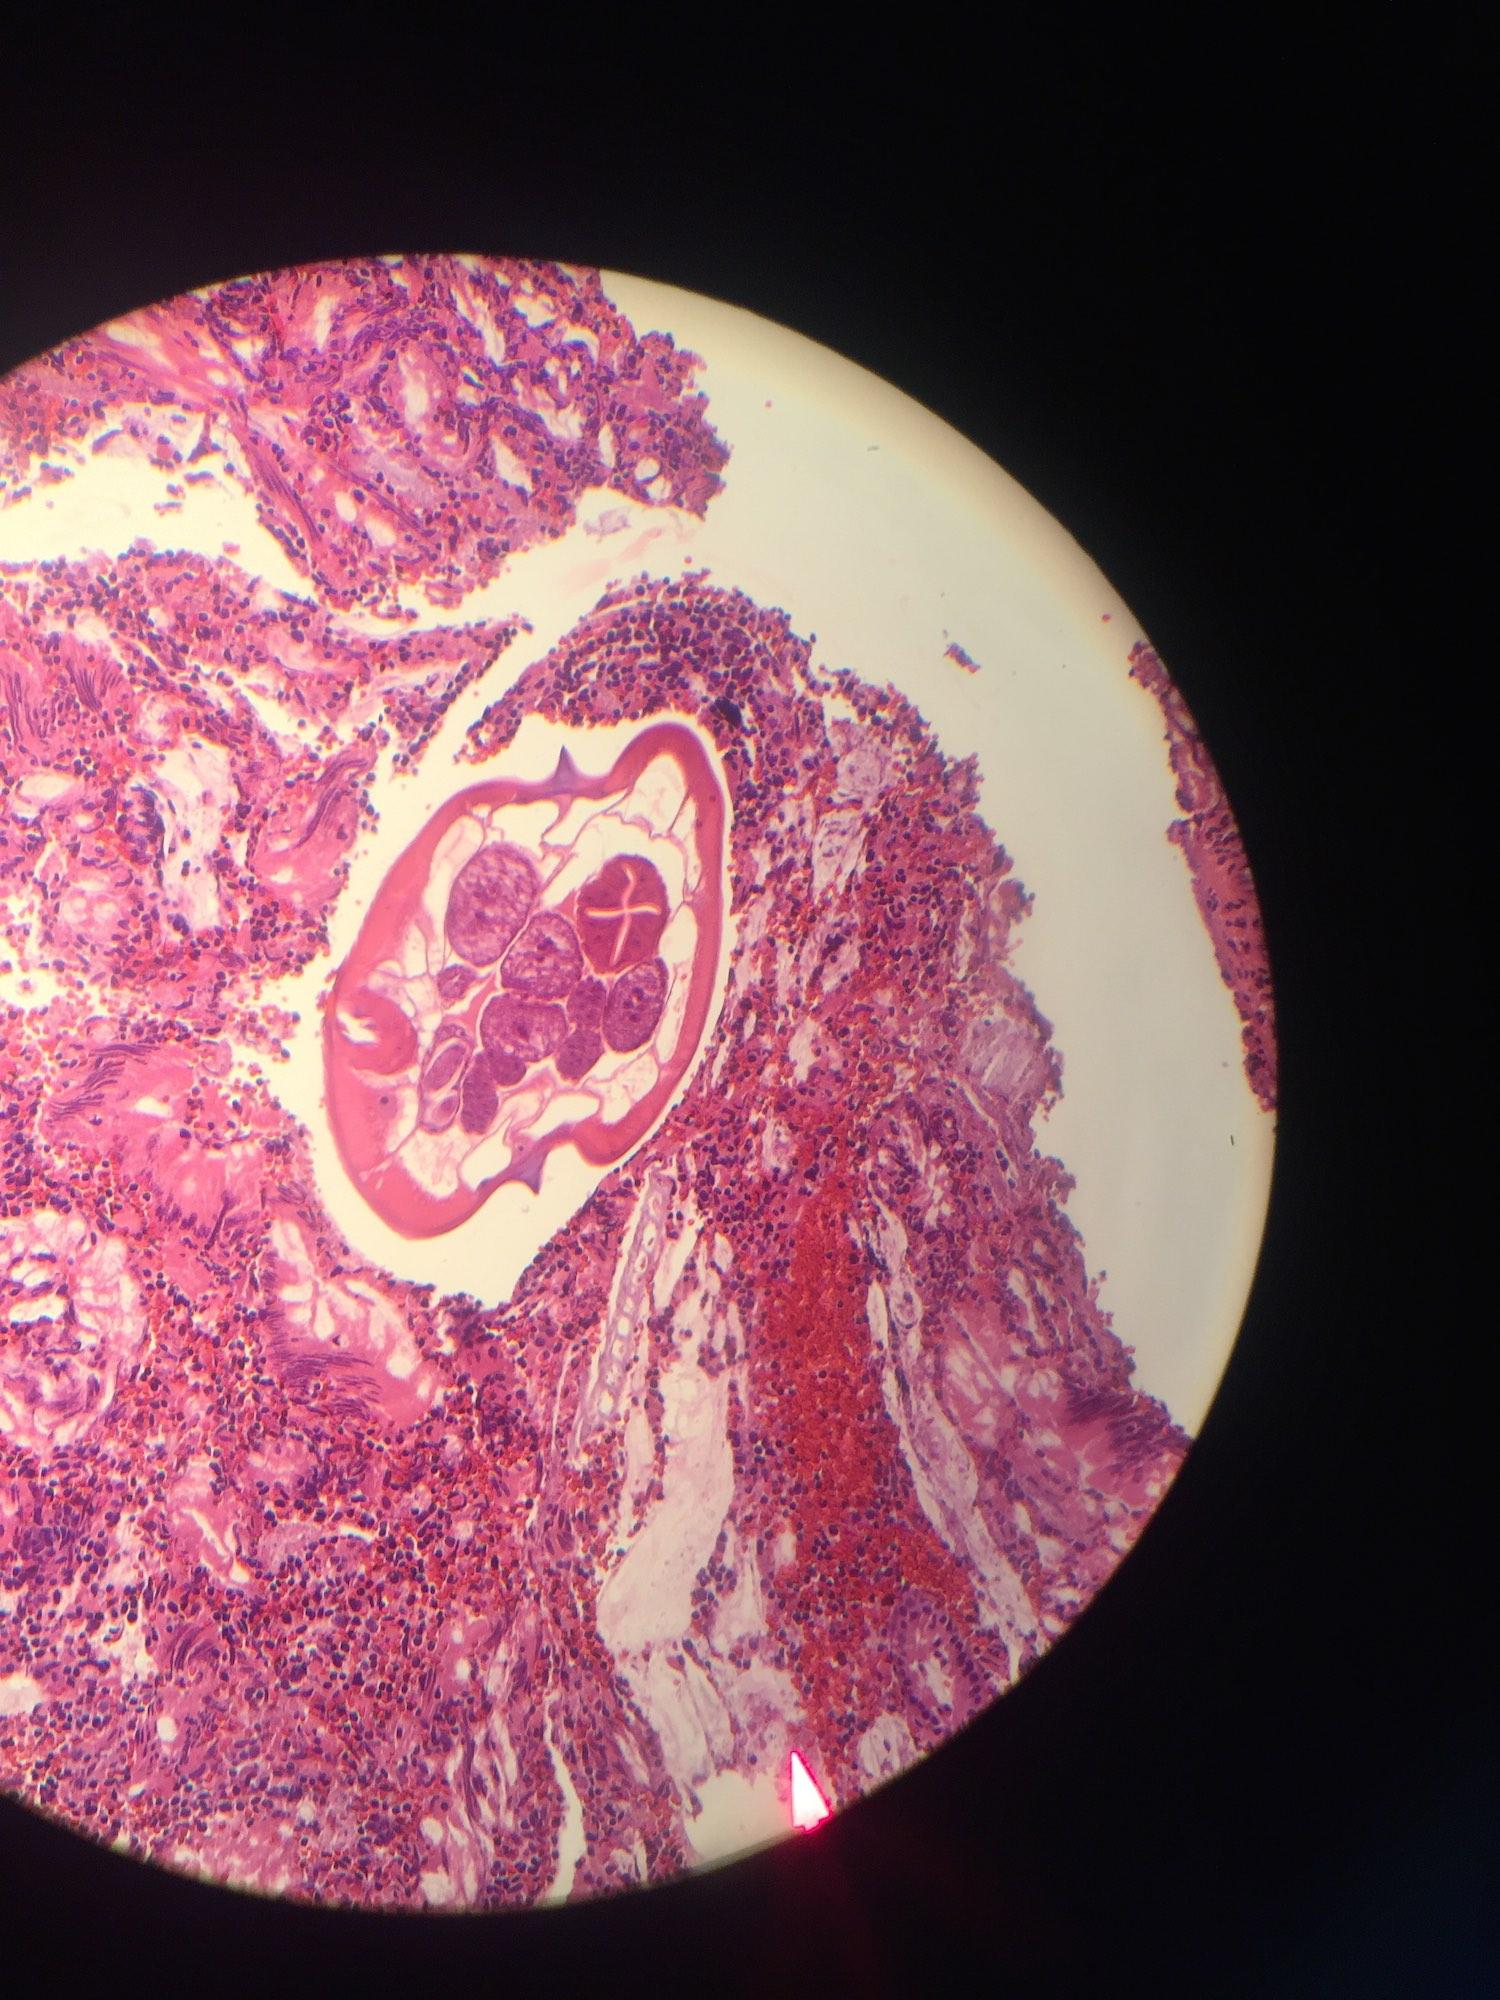 enterobius vermicularis histology cancer de san blog